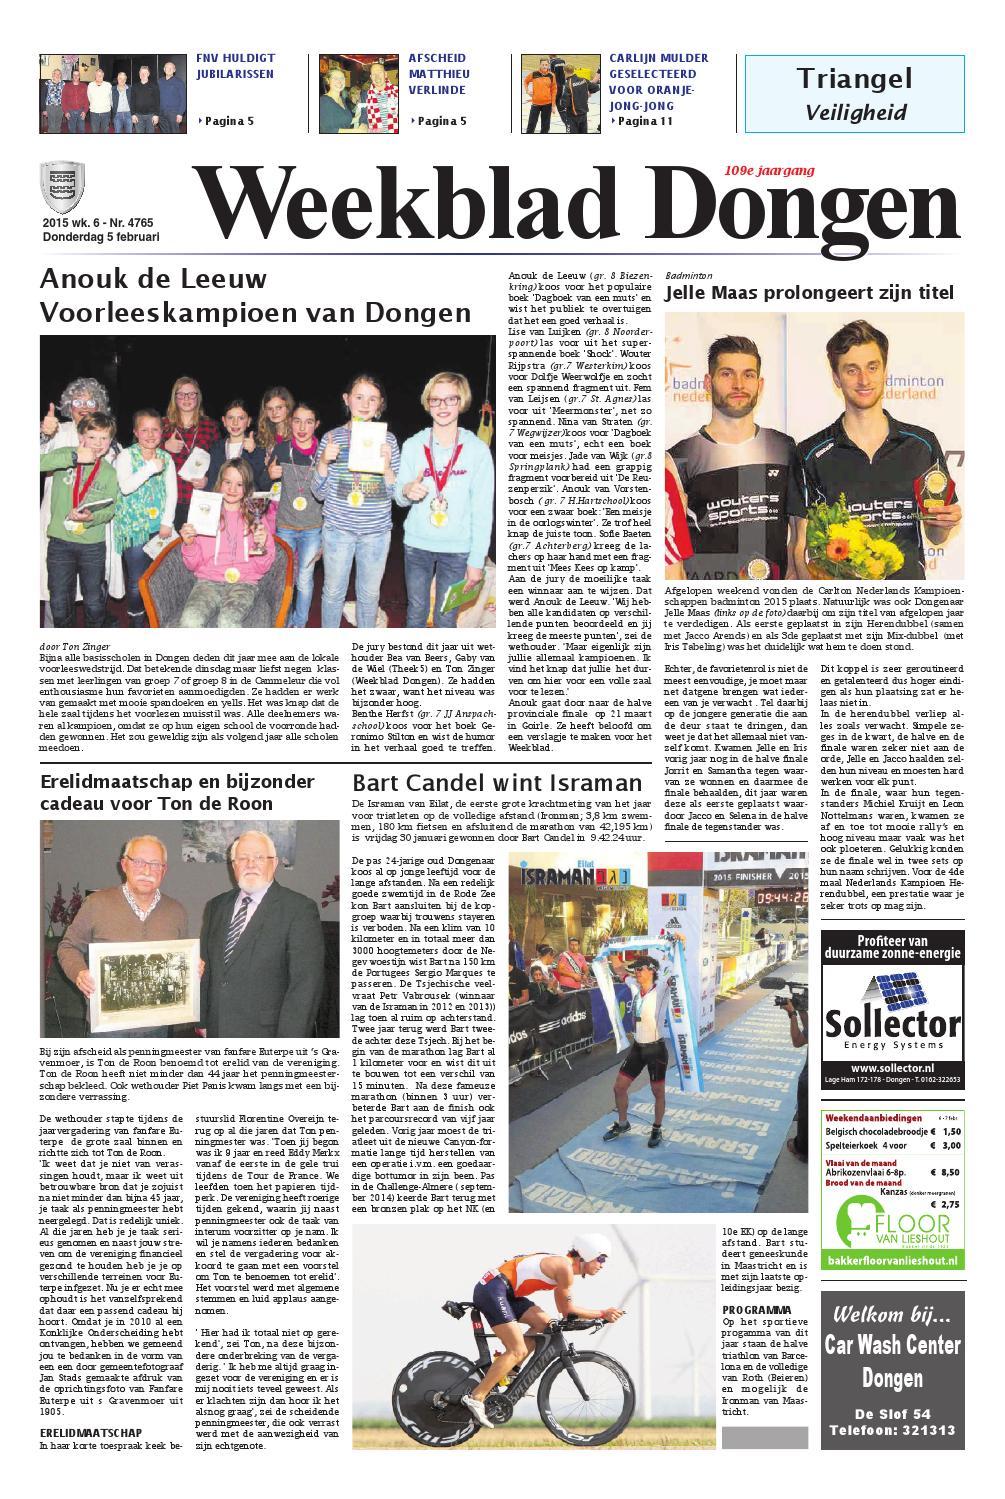 Weekblad Dongen 05 02 2015 By Uitgeverij Em De Jong Issuu